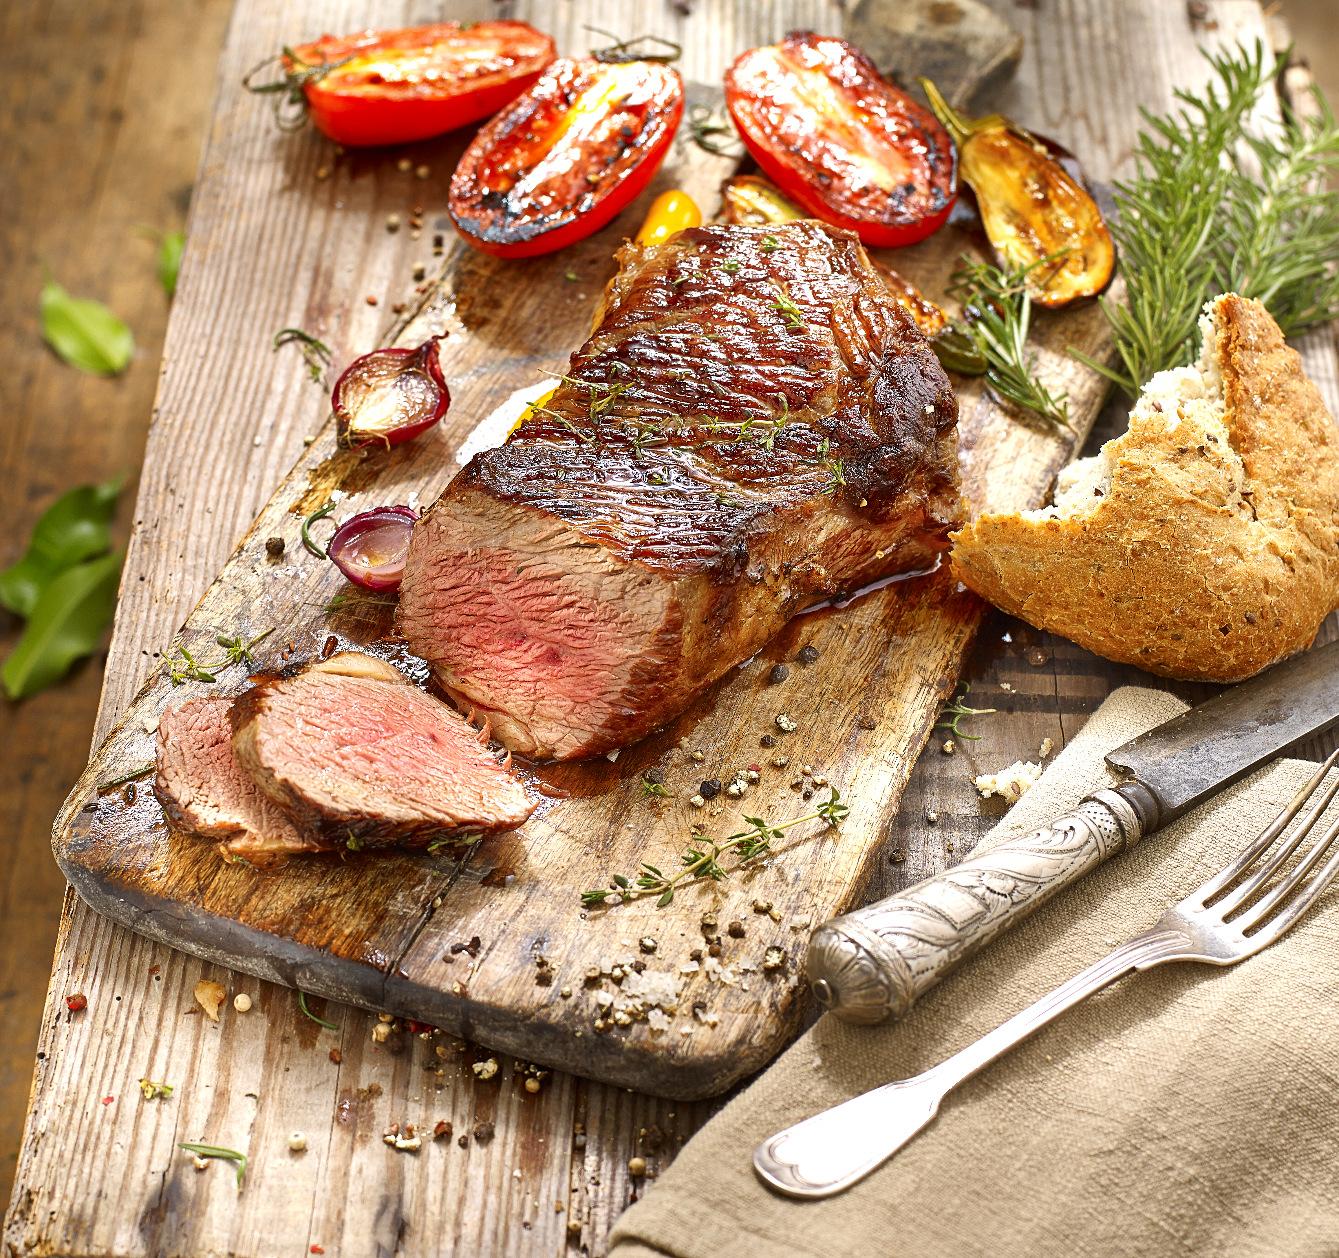 乌拉圭特色美食:烤肉、葡萄酒与乳制品